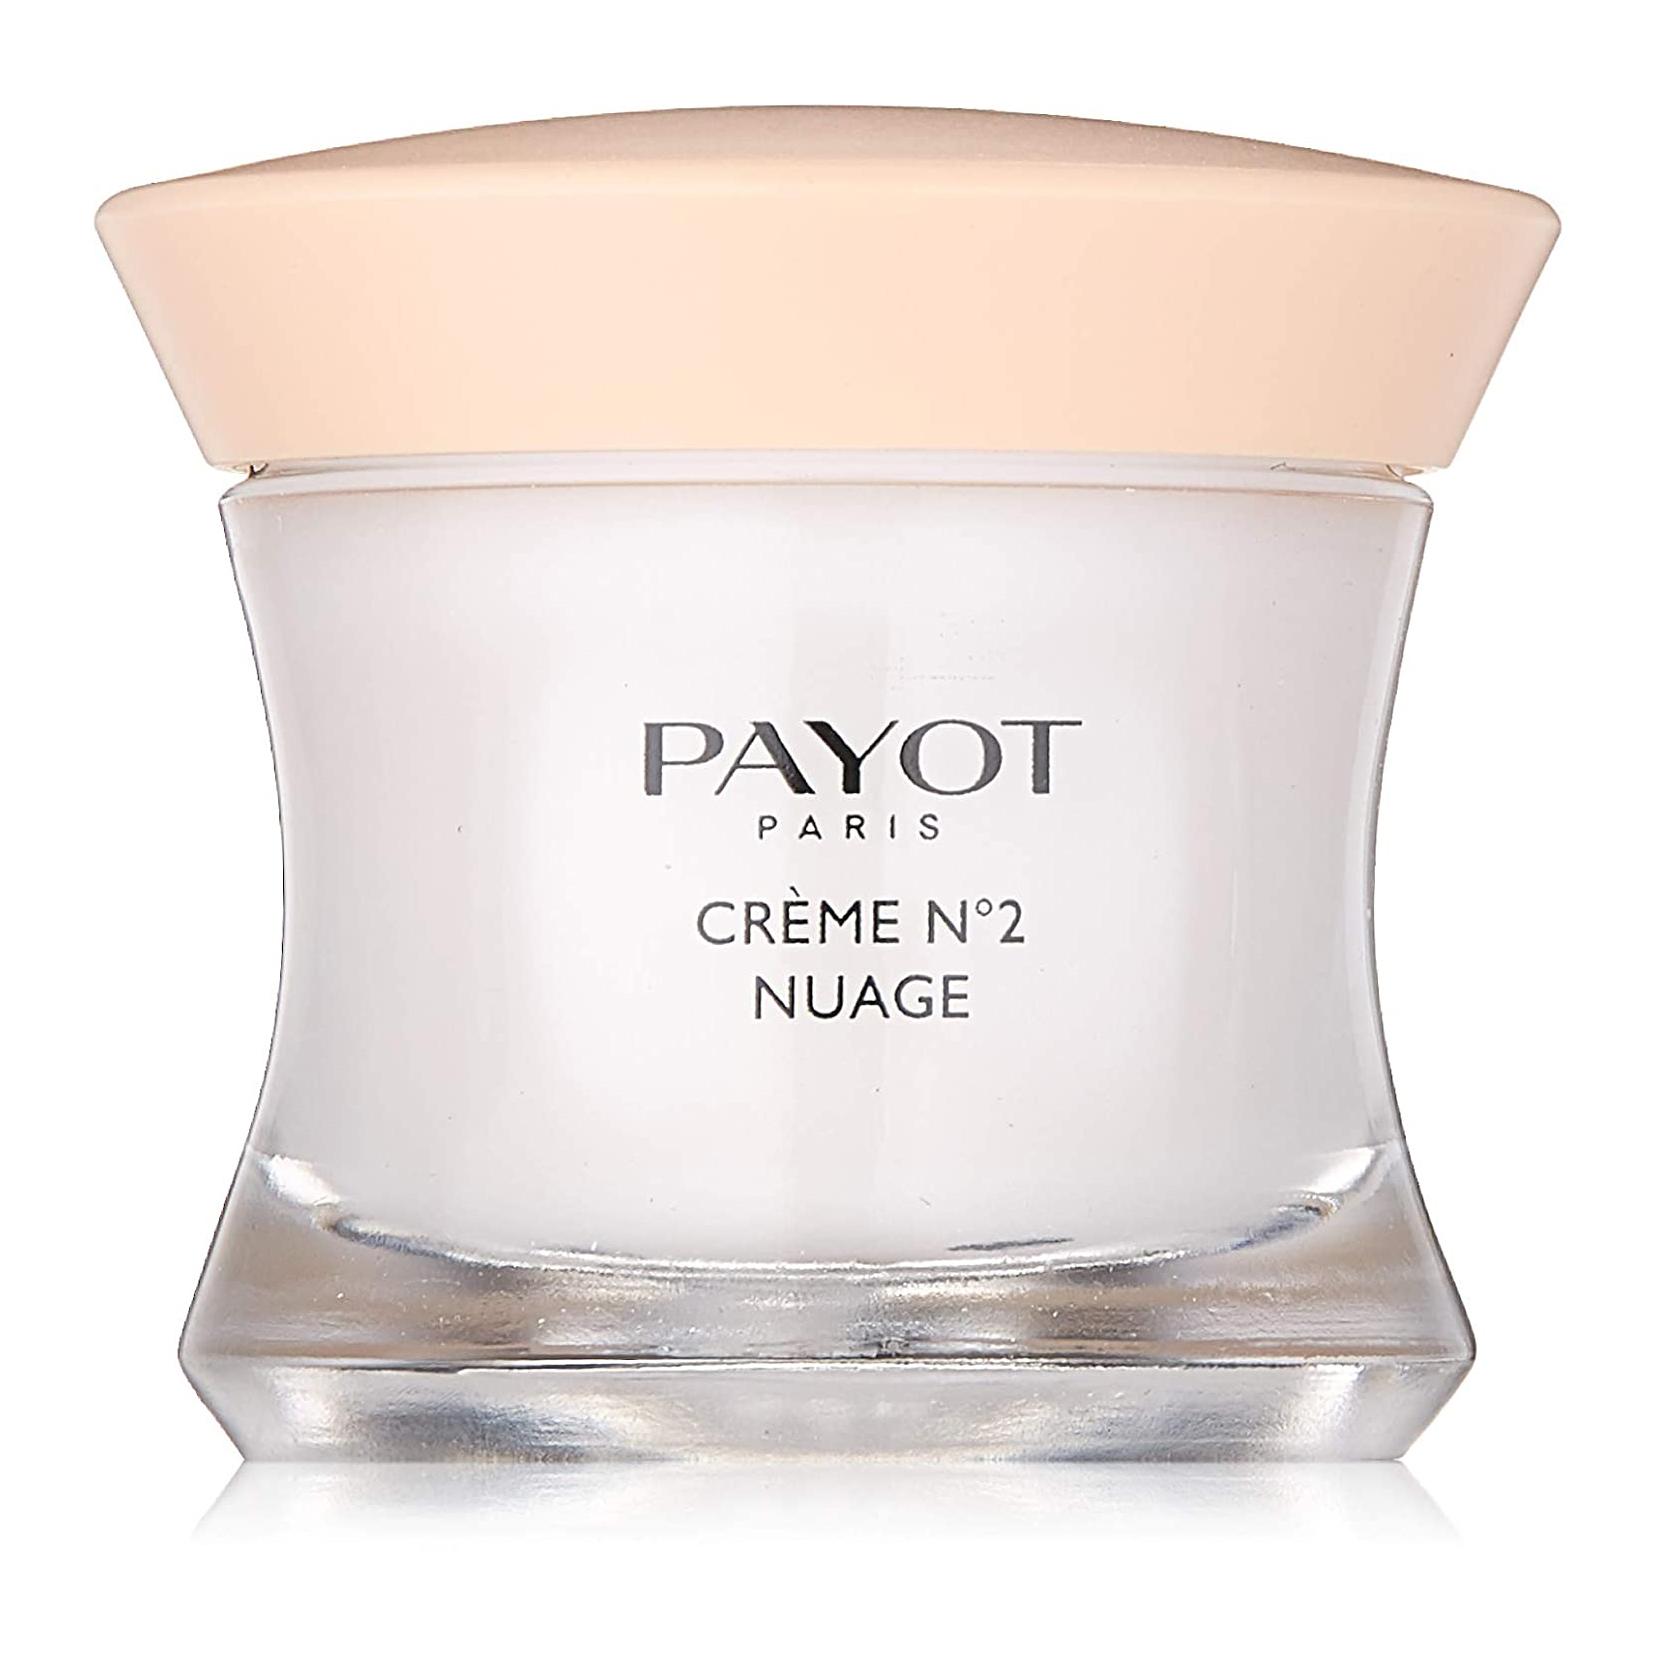 probiotic skincare payot paris benefits cream